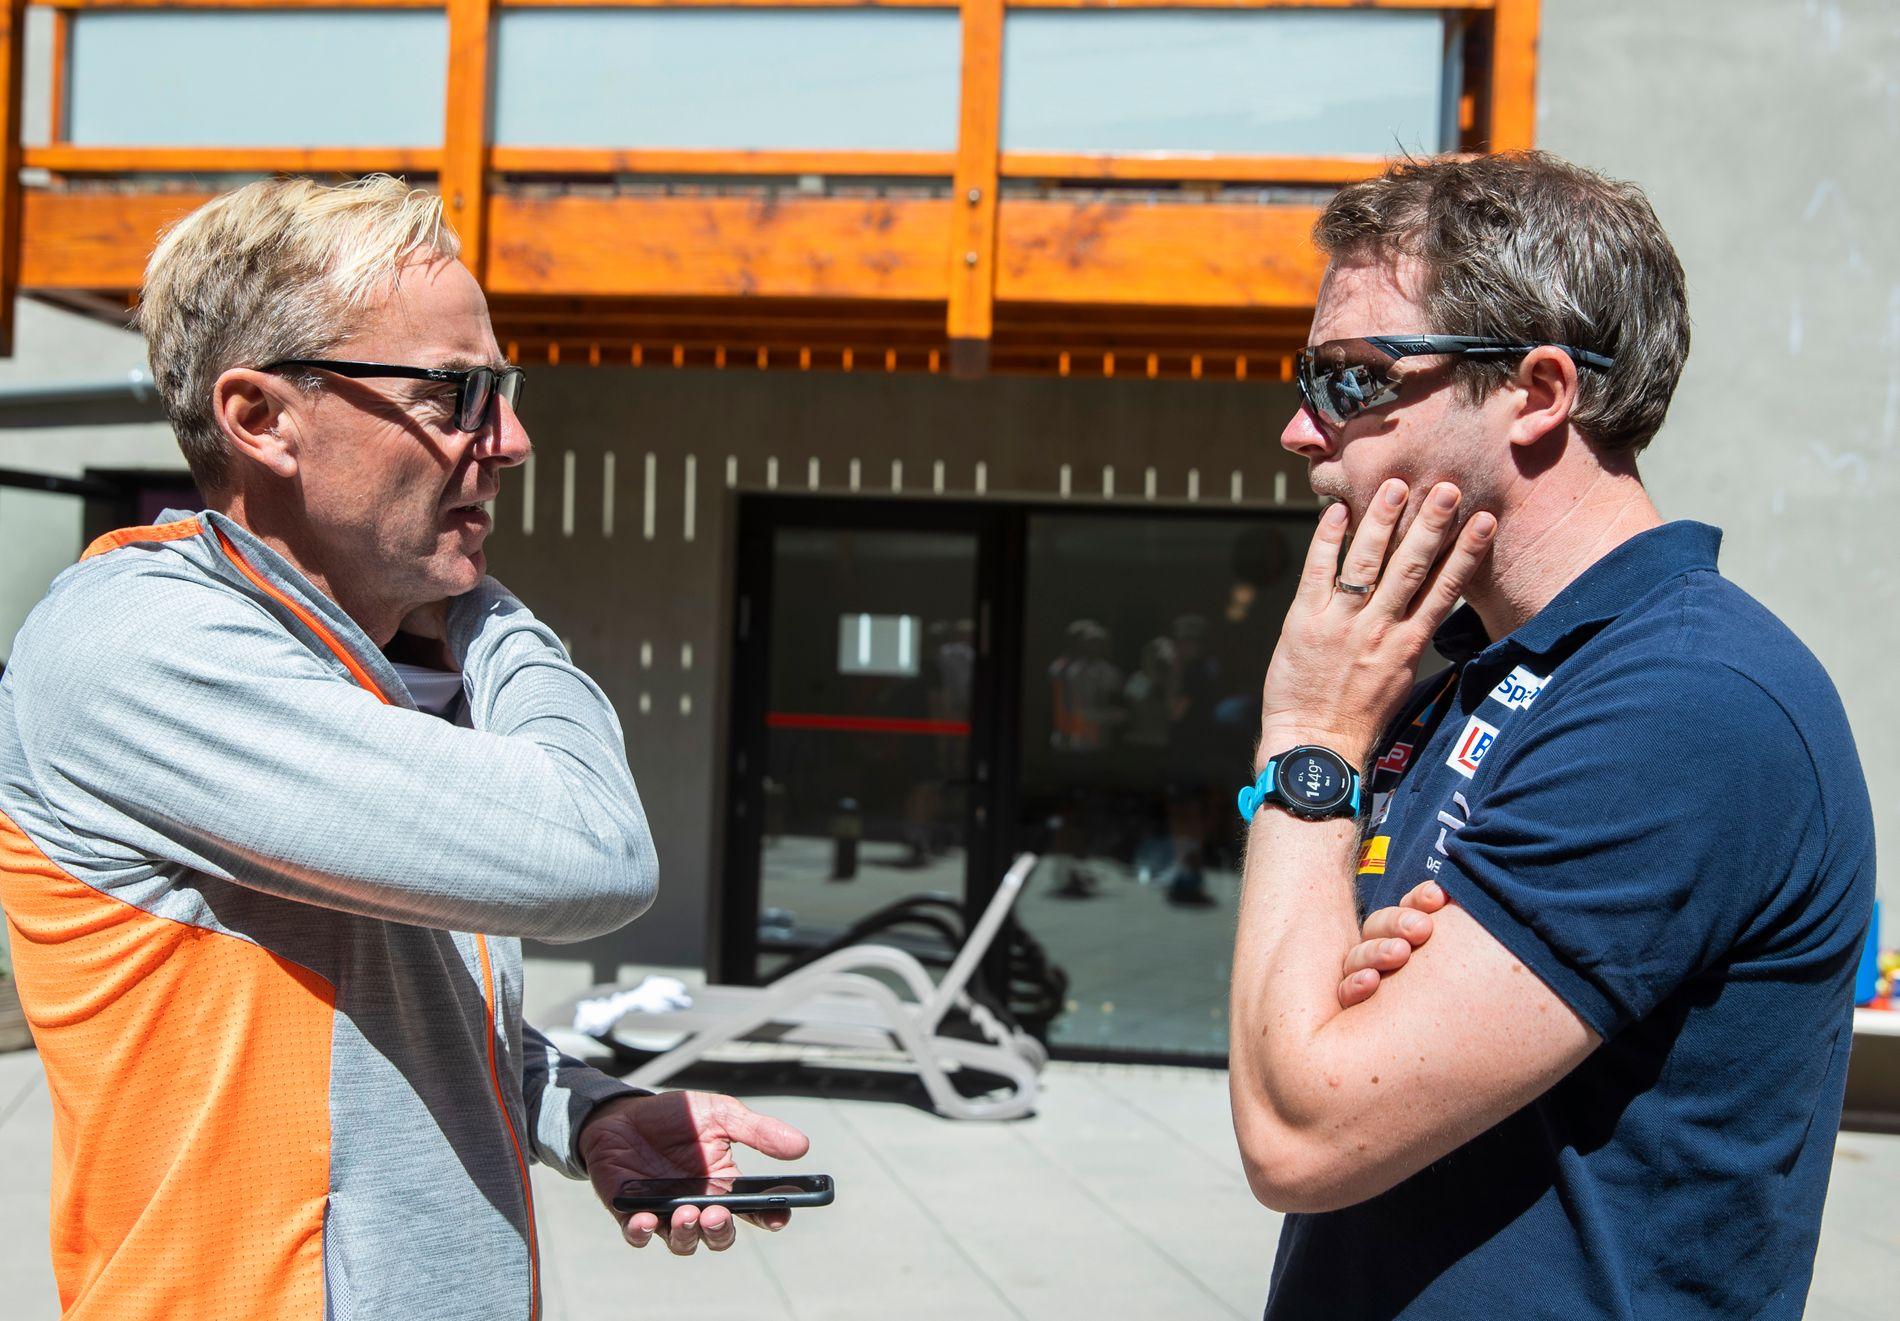 Sprinttrener Arild Monsen (t.v.) og allroundtrener Eirik Myhr Nossum har diskutert seg frem til et opplegg for hvordan de ønsker forberedelsene frem mot OL i Beijing.